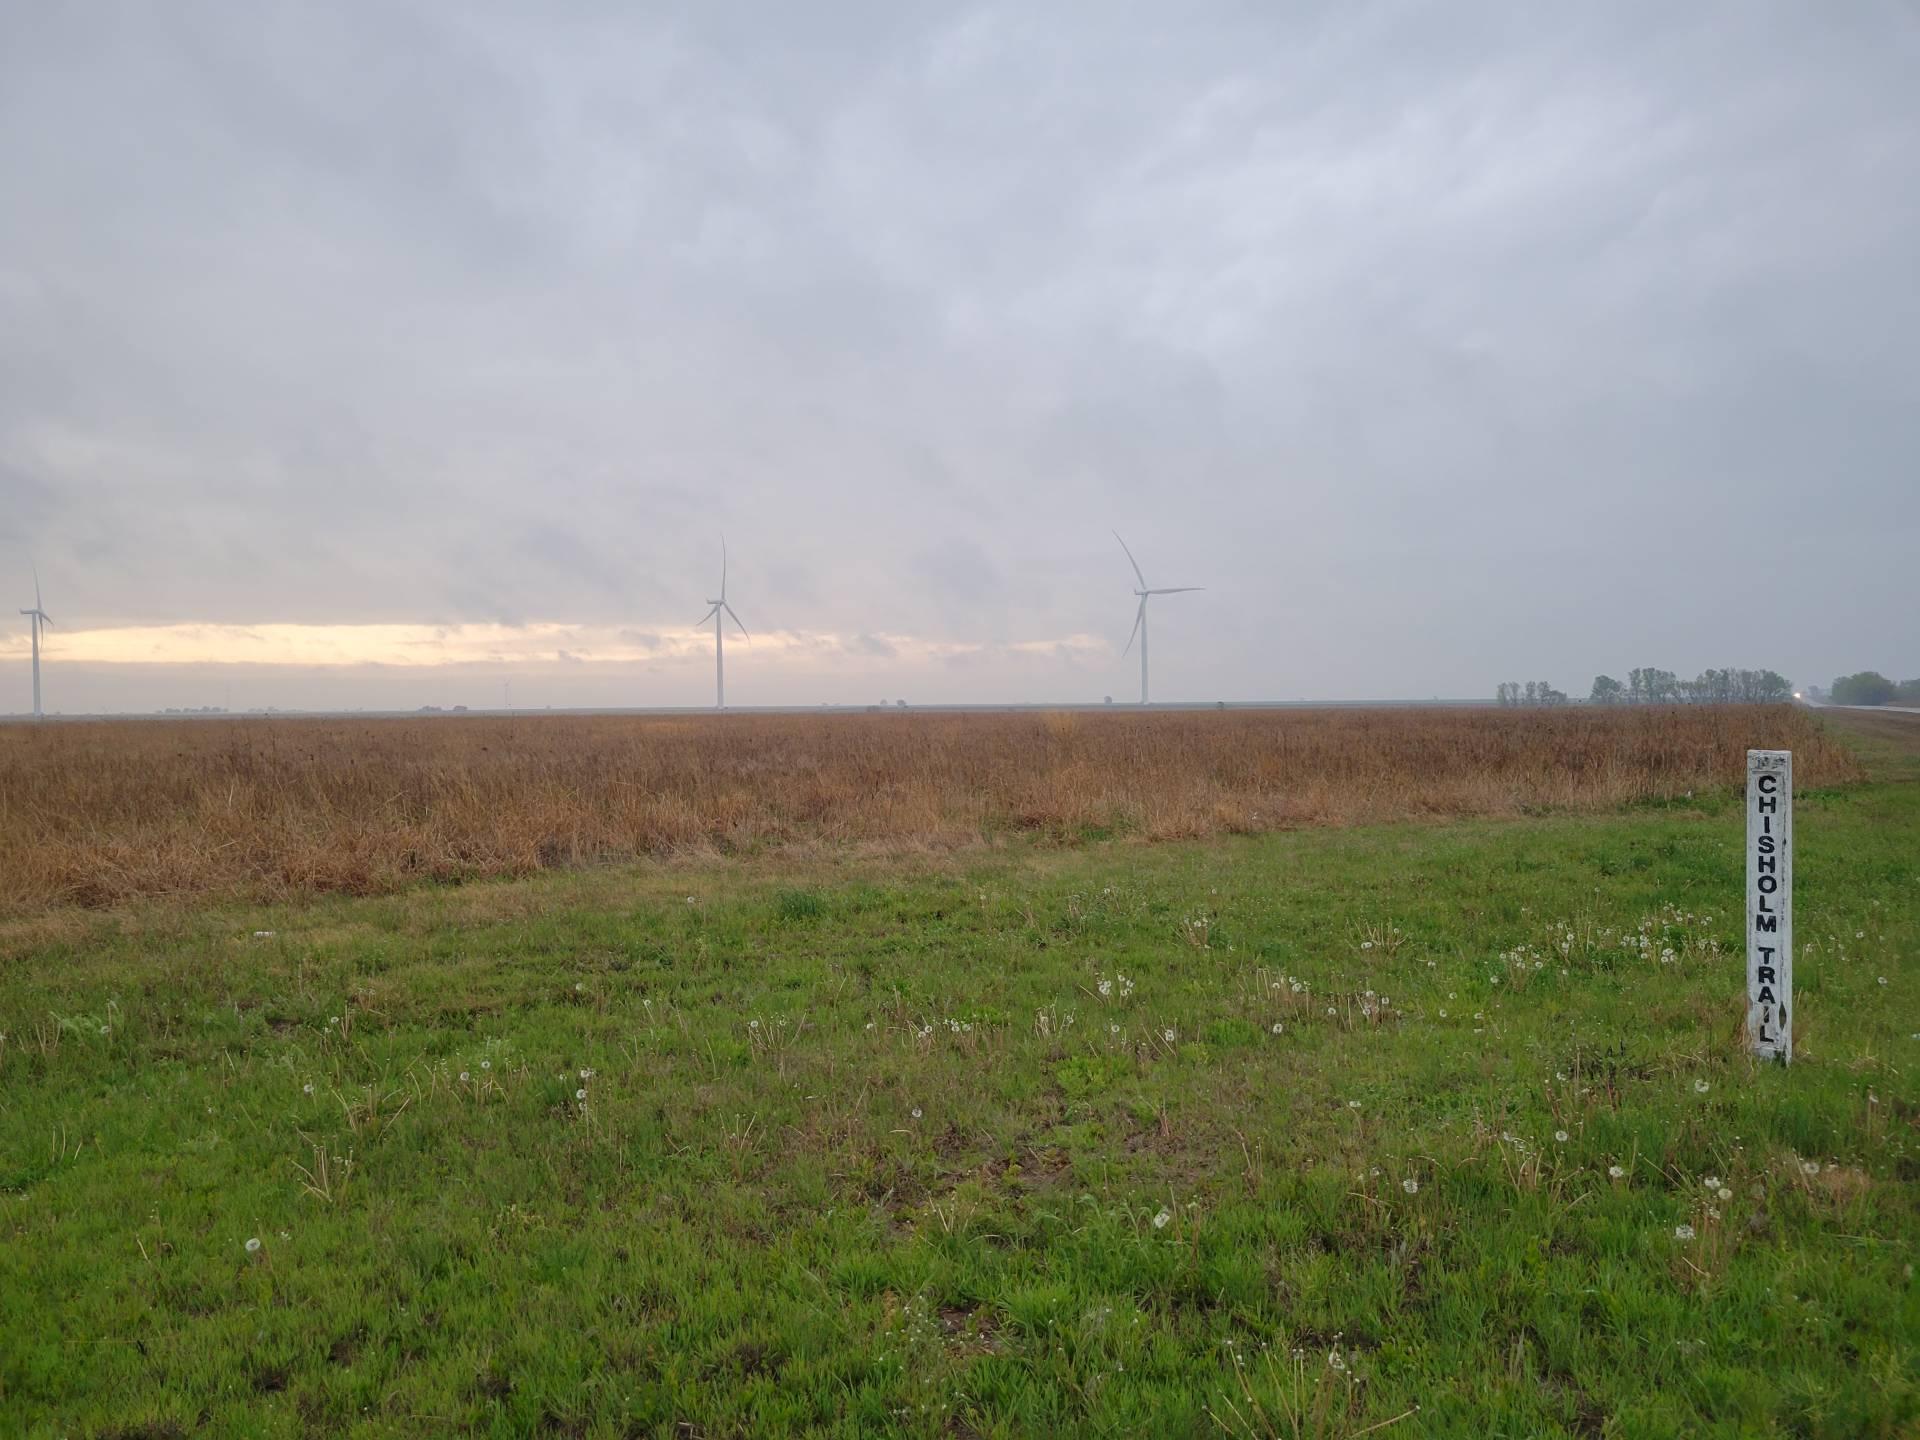 Sub-severe storm near Wakita, Oklahoma. #okwx